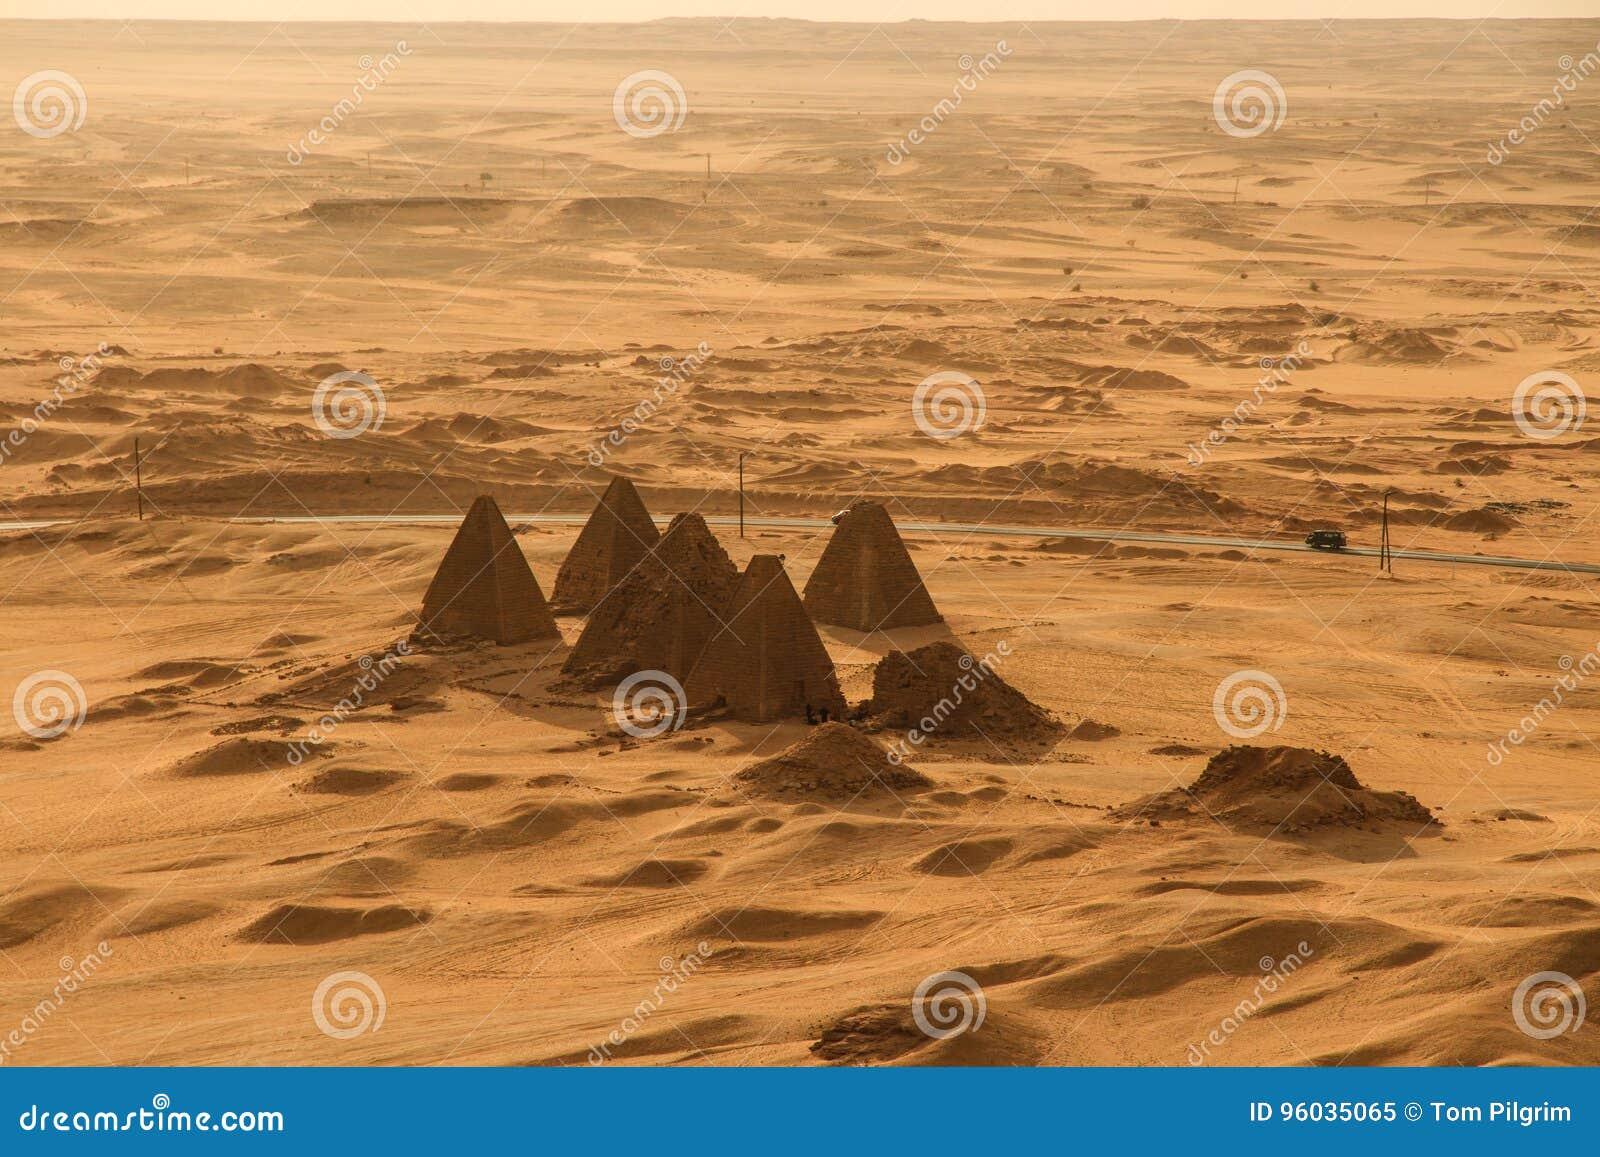 Zmierzch nad ostrosłupami przy Jebel Barkal